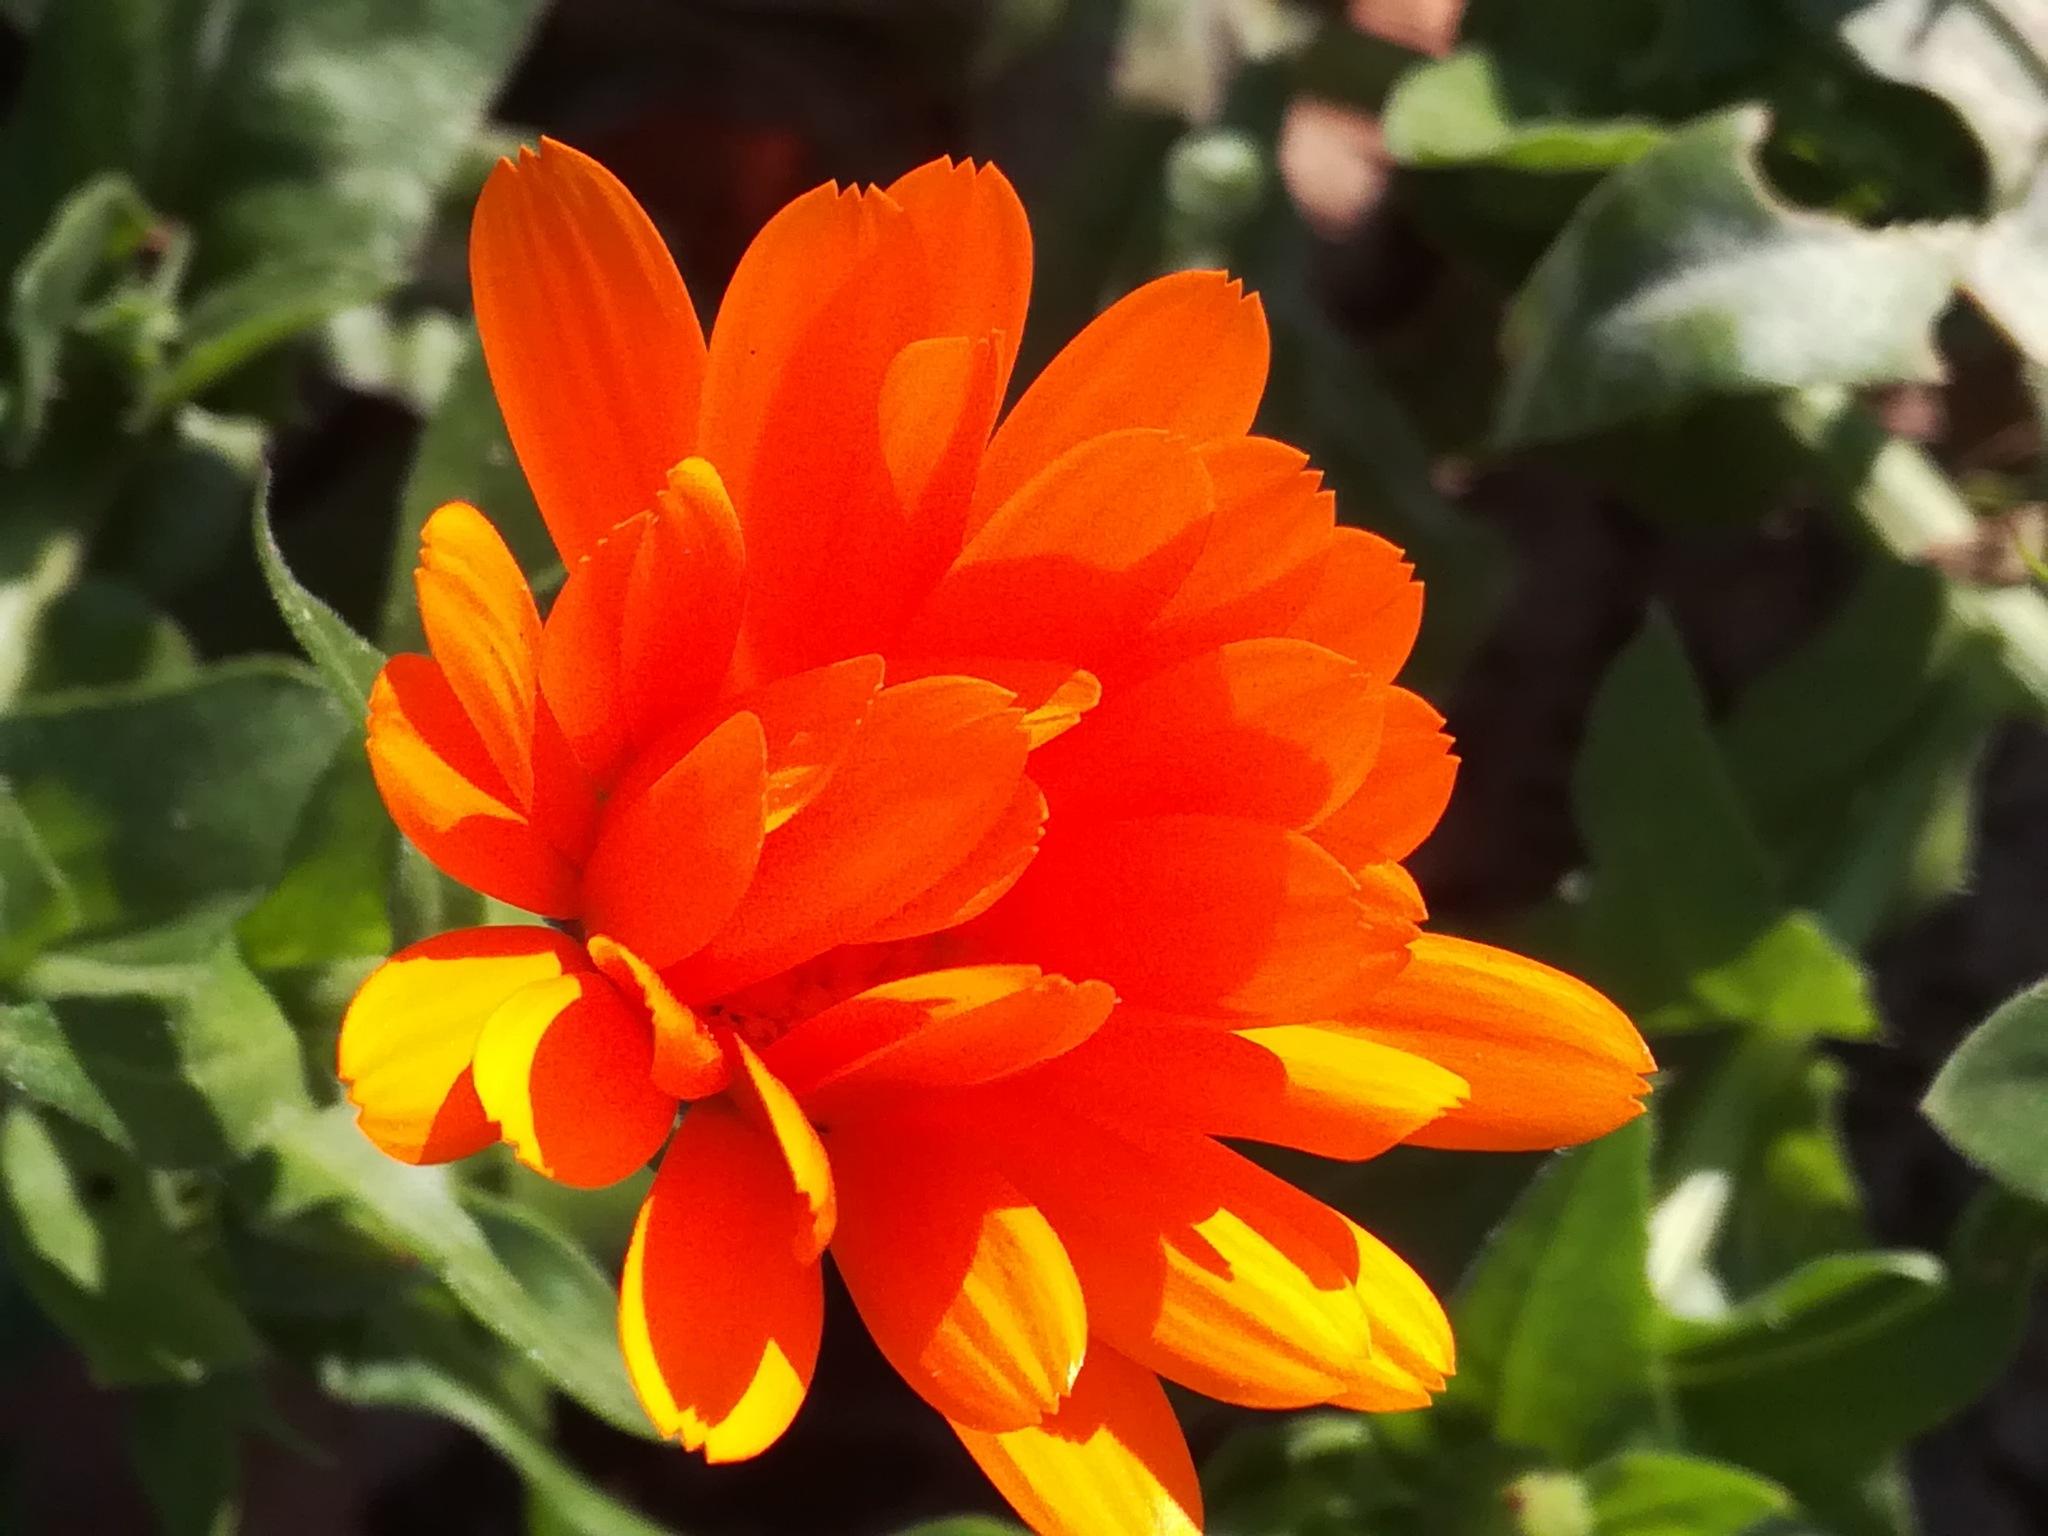 Orange flower by uzkuraitiene62